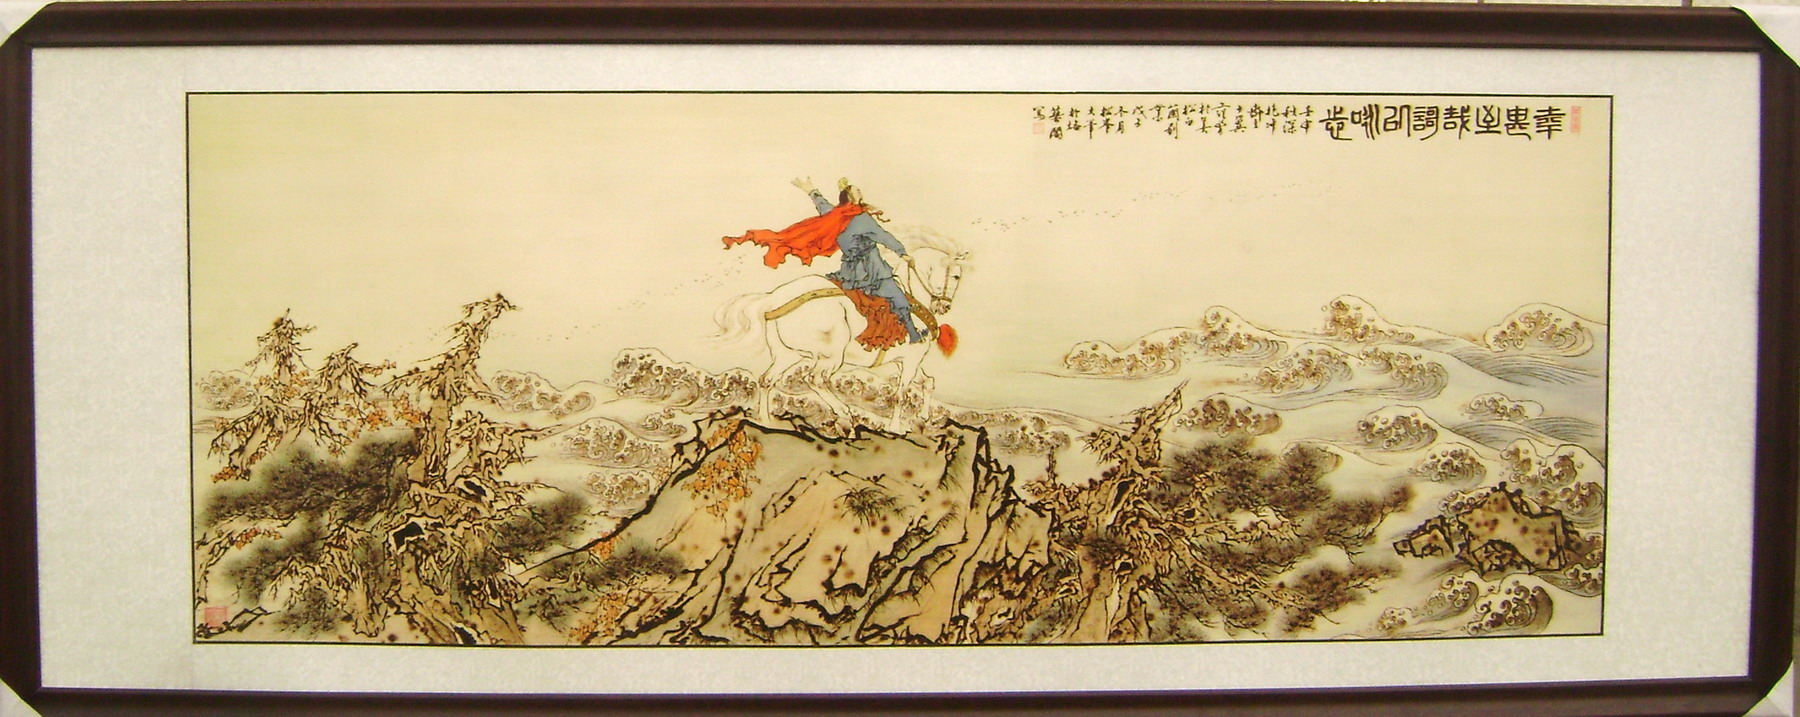 刘松峰烙画。观沧海